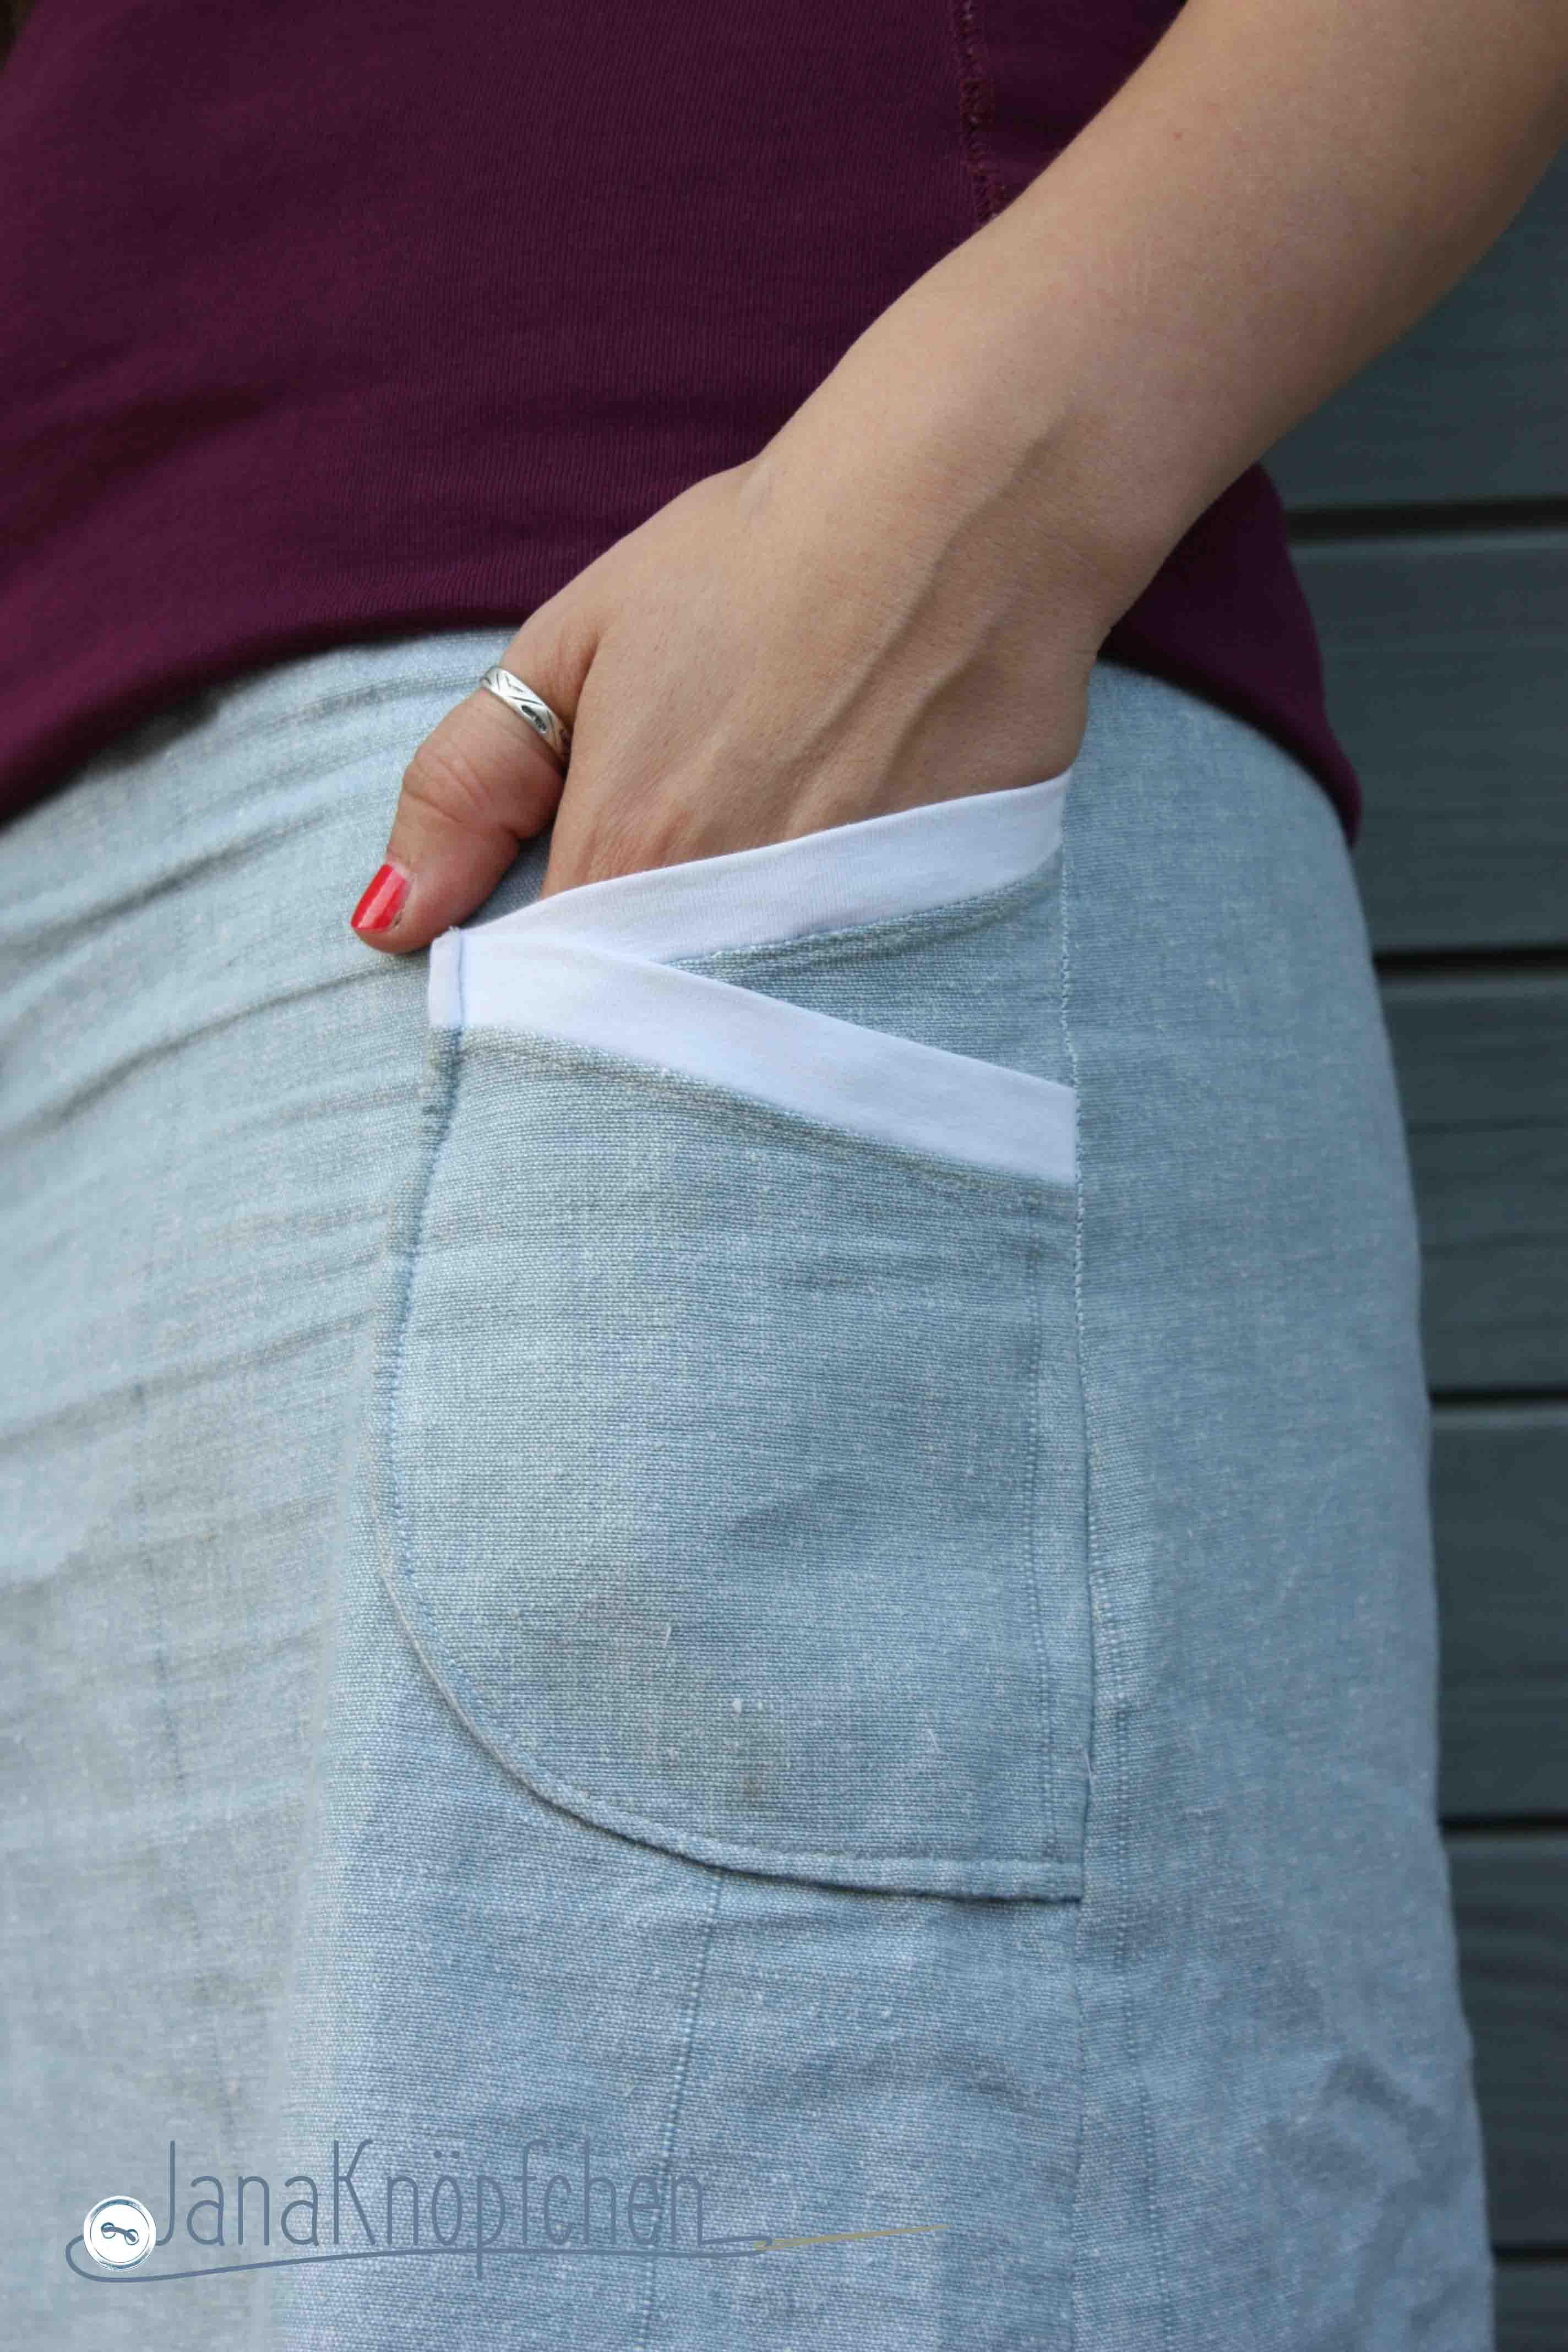 Detail Taschen Rock fuer Frauen. JanaKnopfchen Naehblog